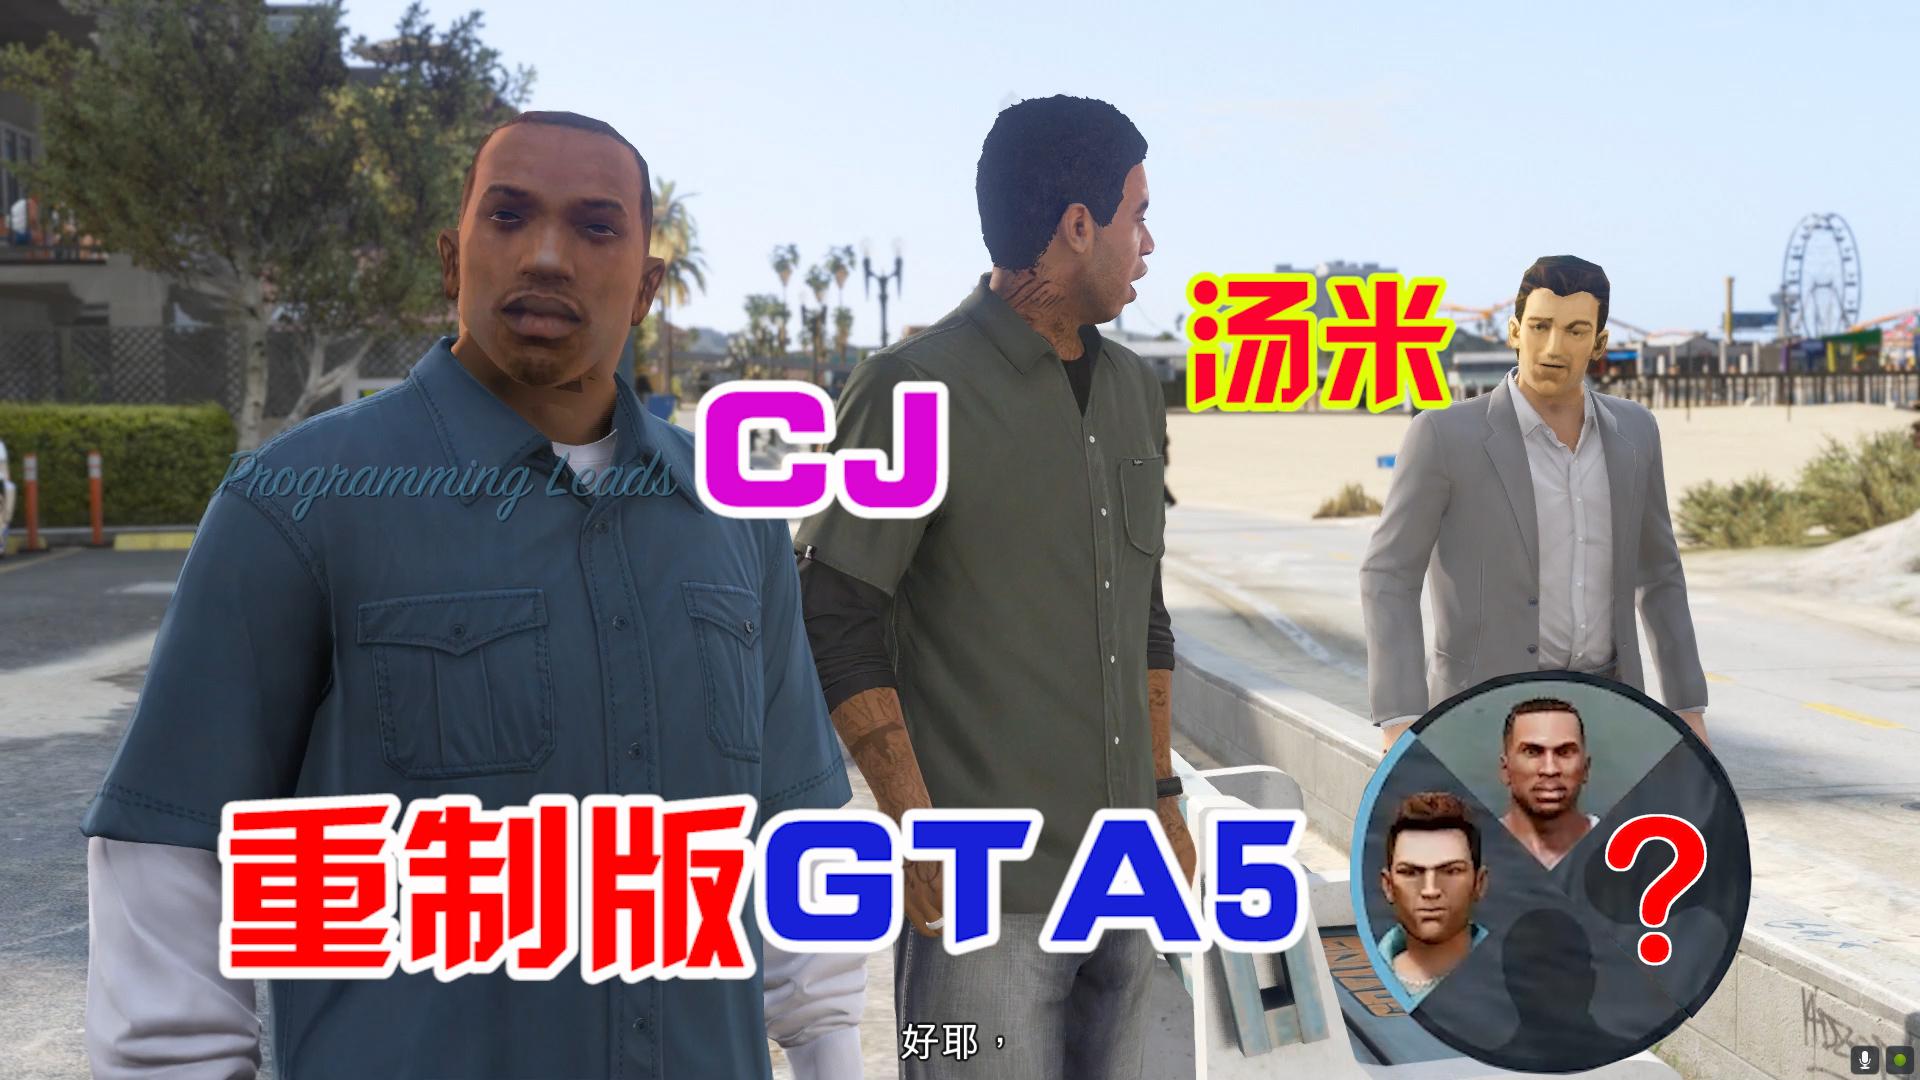 GTA5重制版剧情任务解说01:CJ来到洛圣都,和好基友拉玛一起偷车